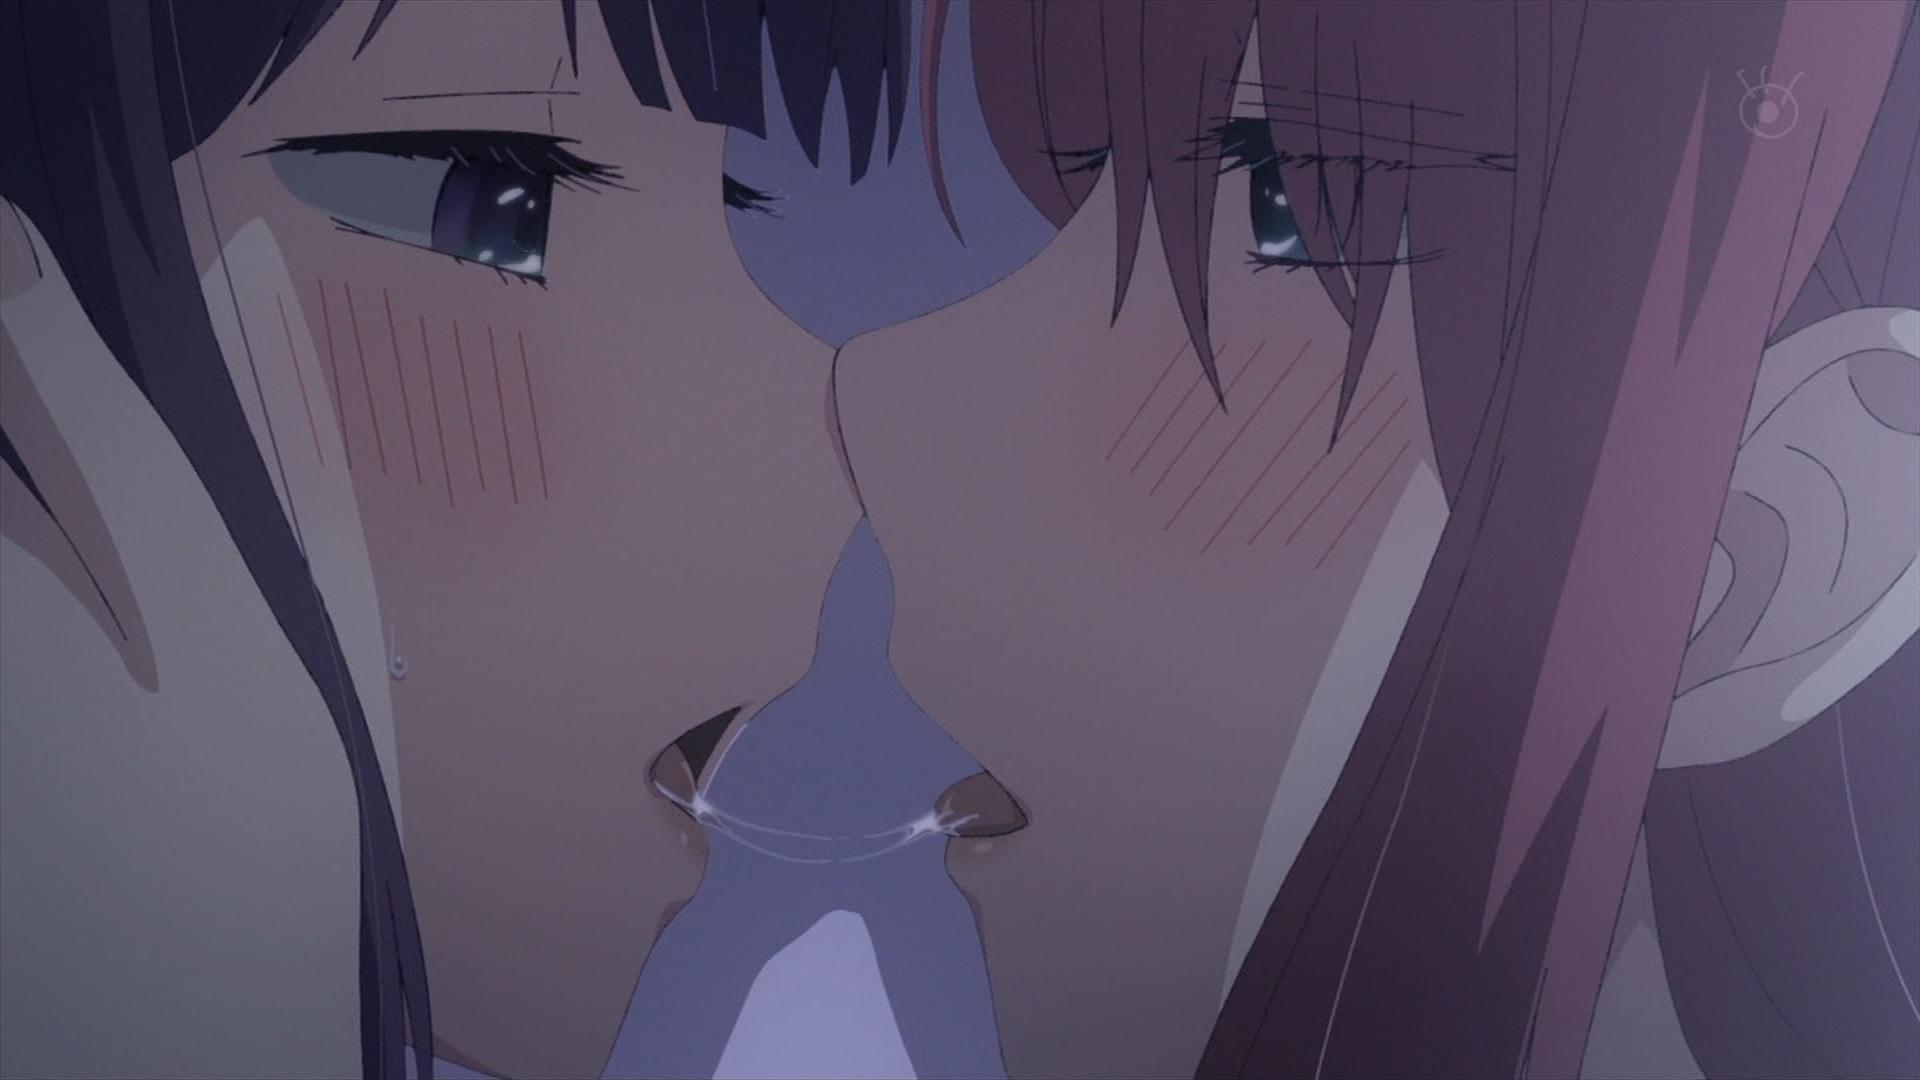 安楽岡花火と絵鳩早苗のキス(第3話画像)